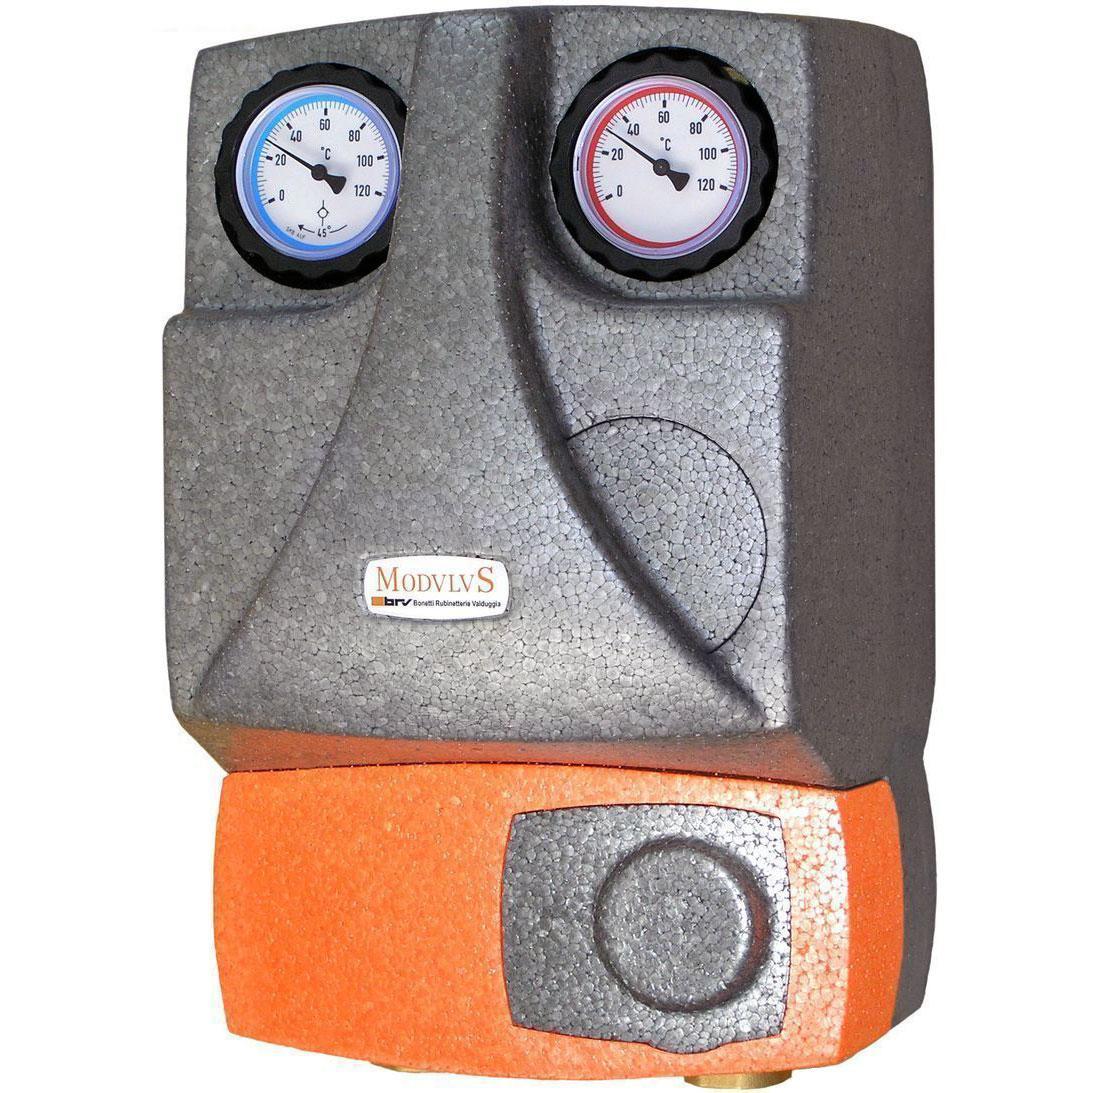 Насосная группа для твердотопливных котлов и систем отопления BRV 21355 (R) без смесителя, 2 линии